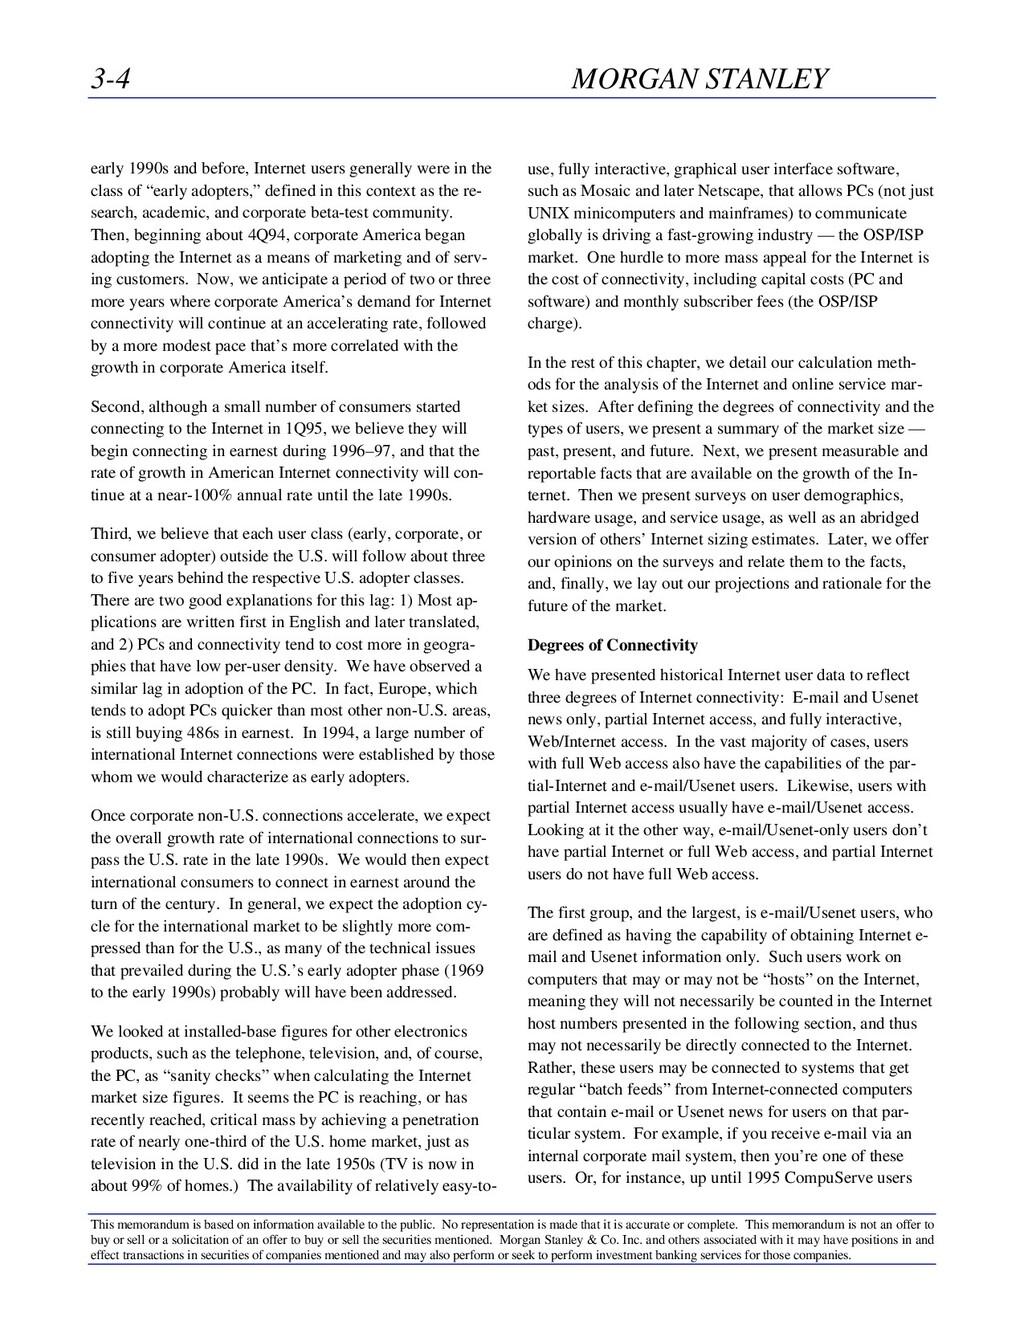 3-4 MORGAN STANLEY This memorandum is based on ...